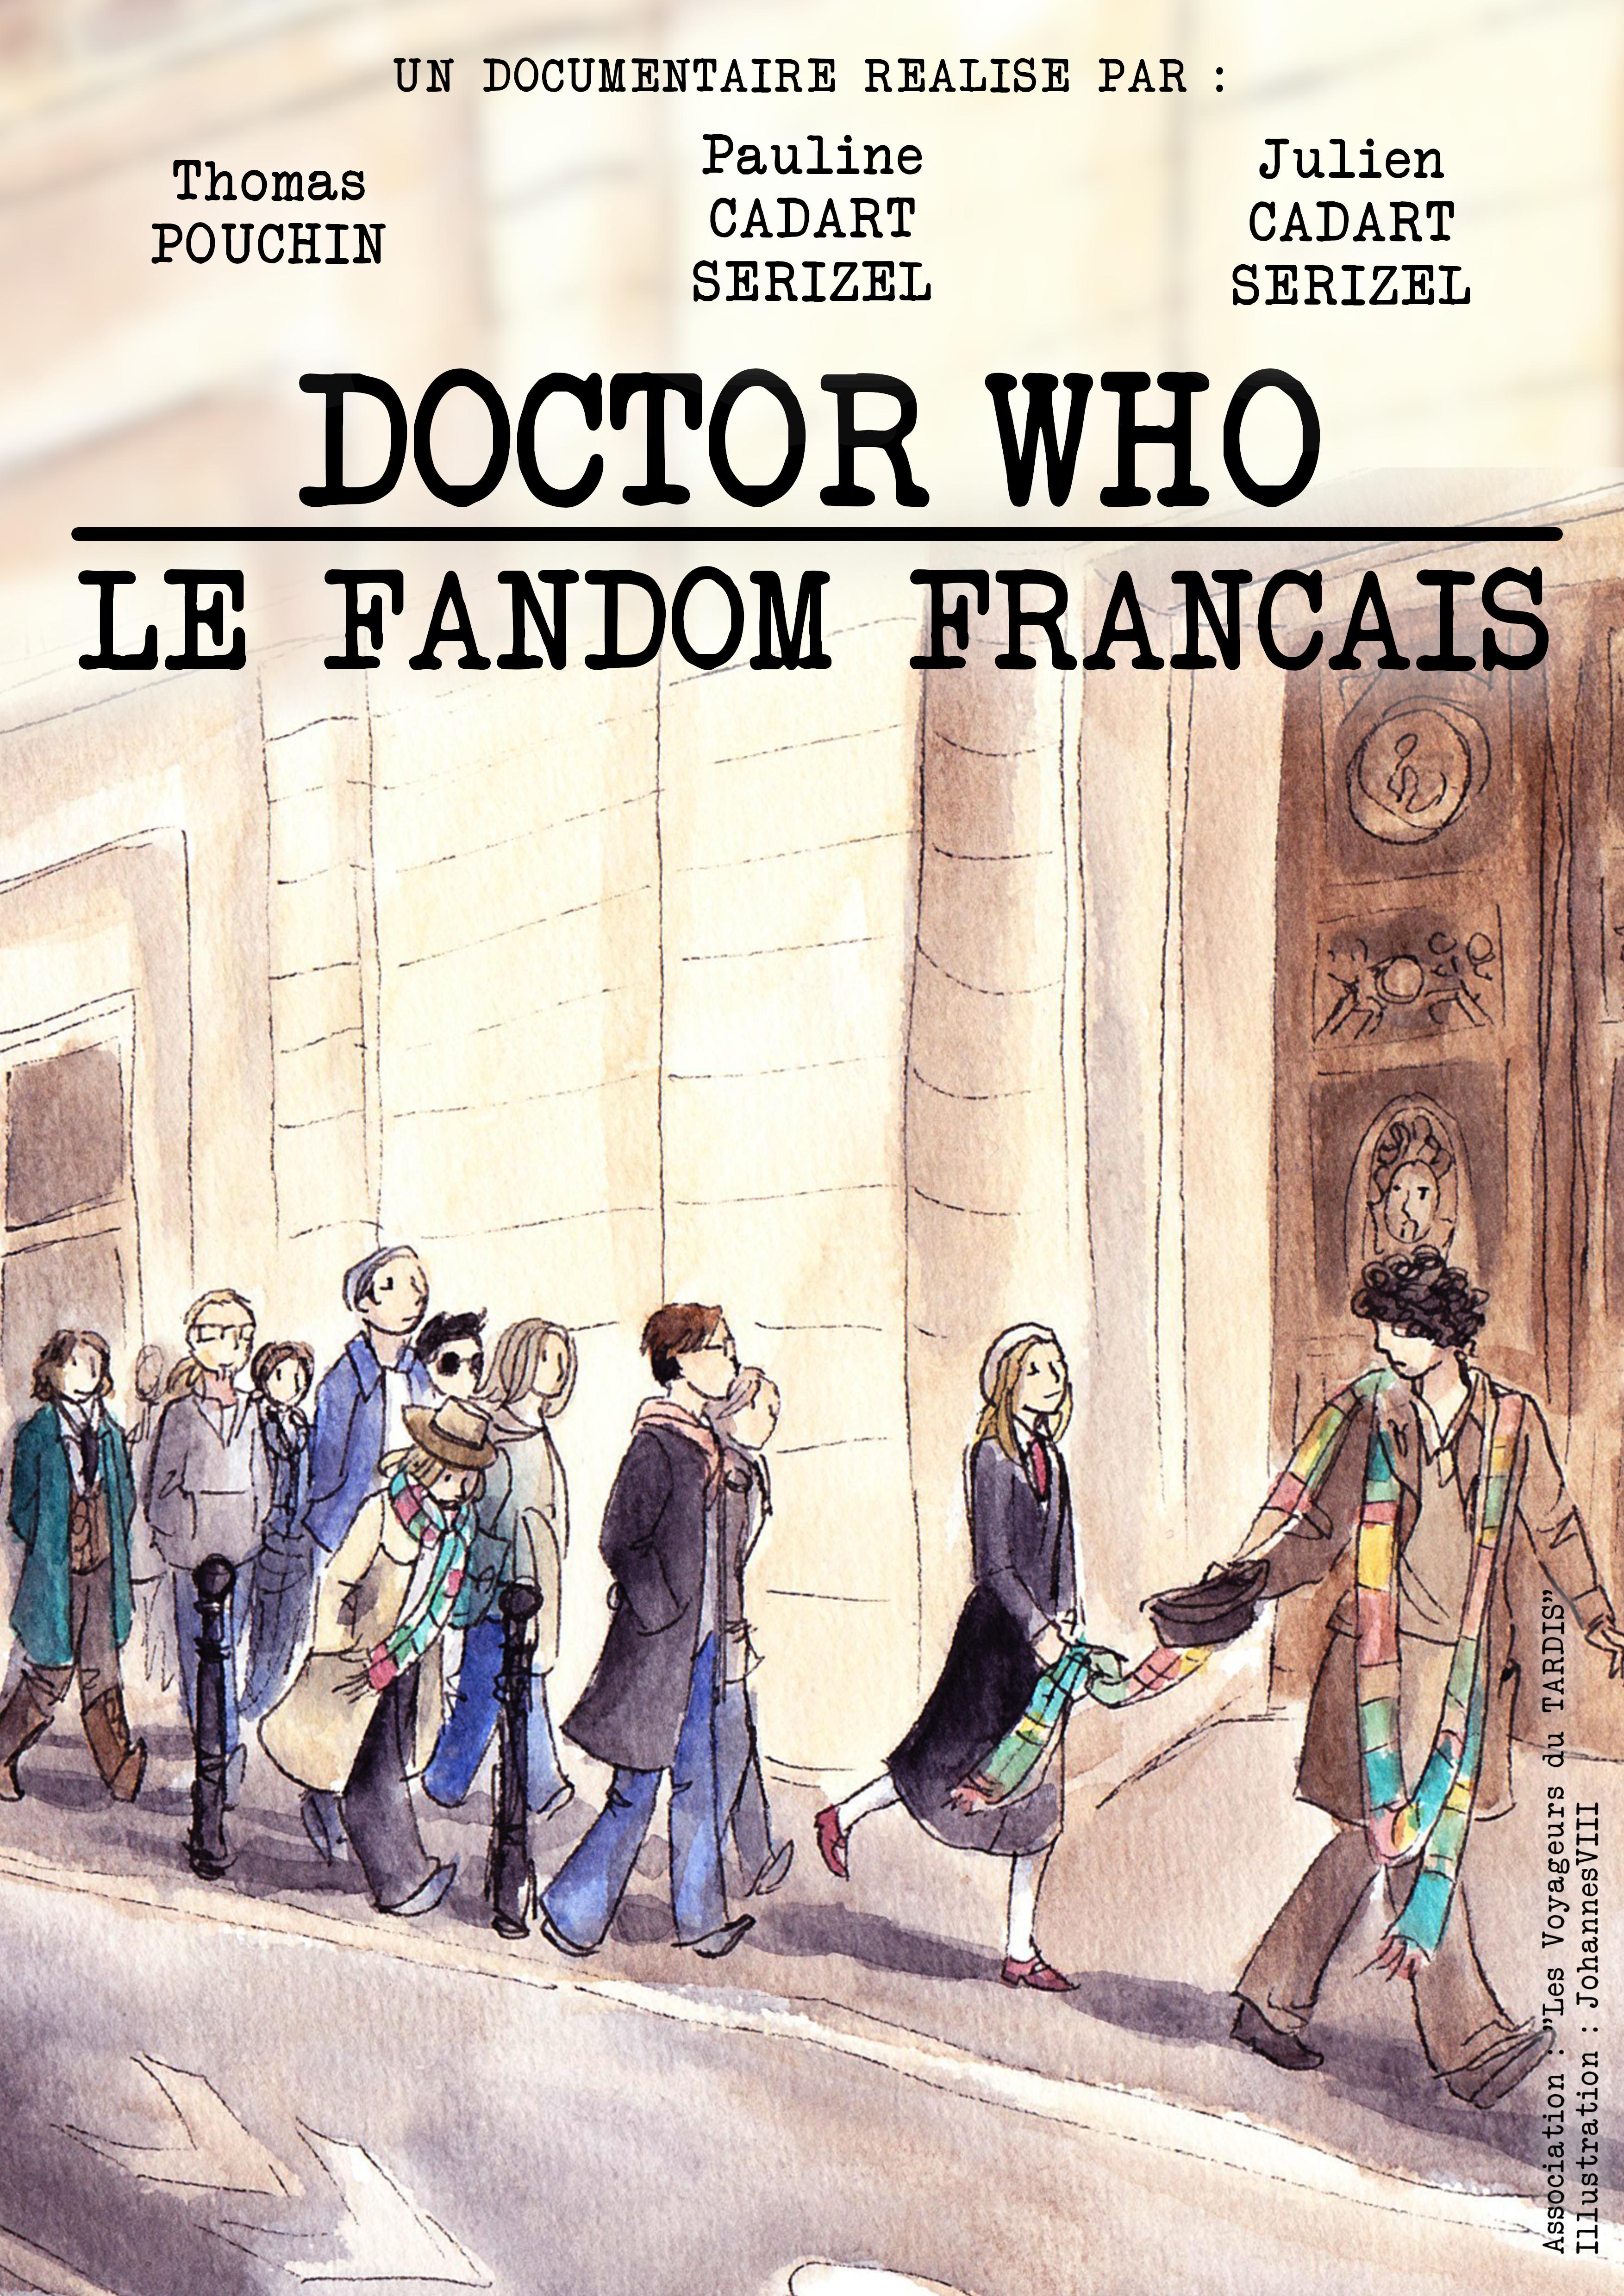 Doctor Who - Le Fandom Français (2019)